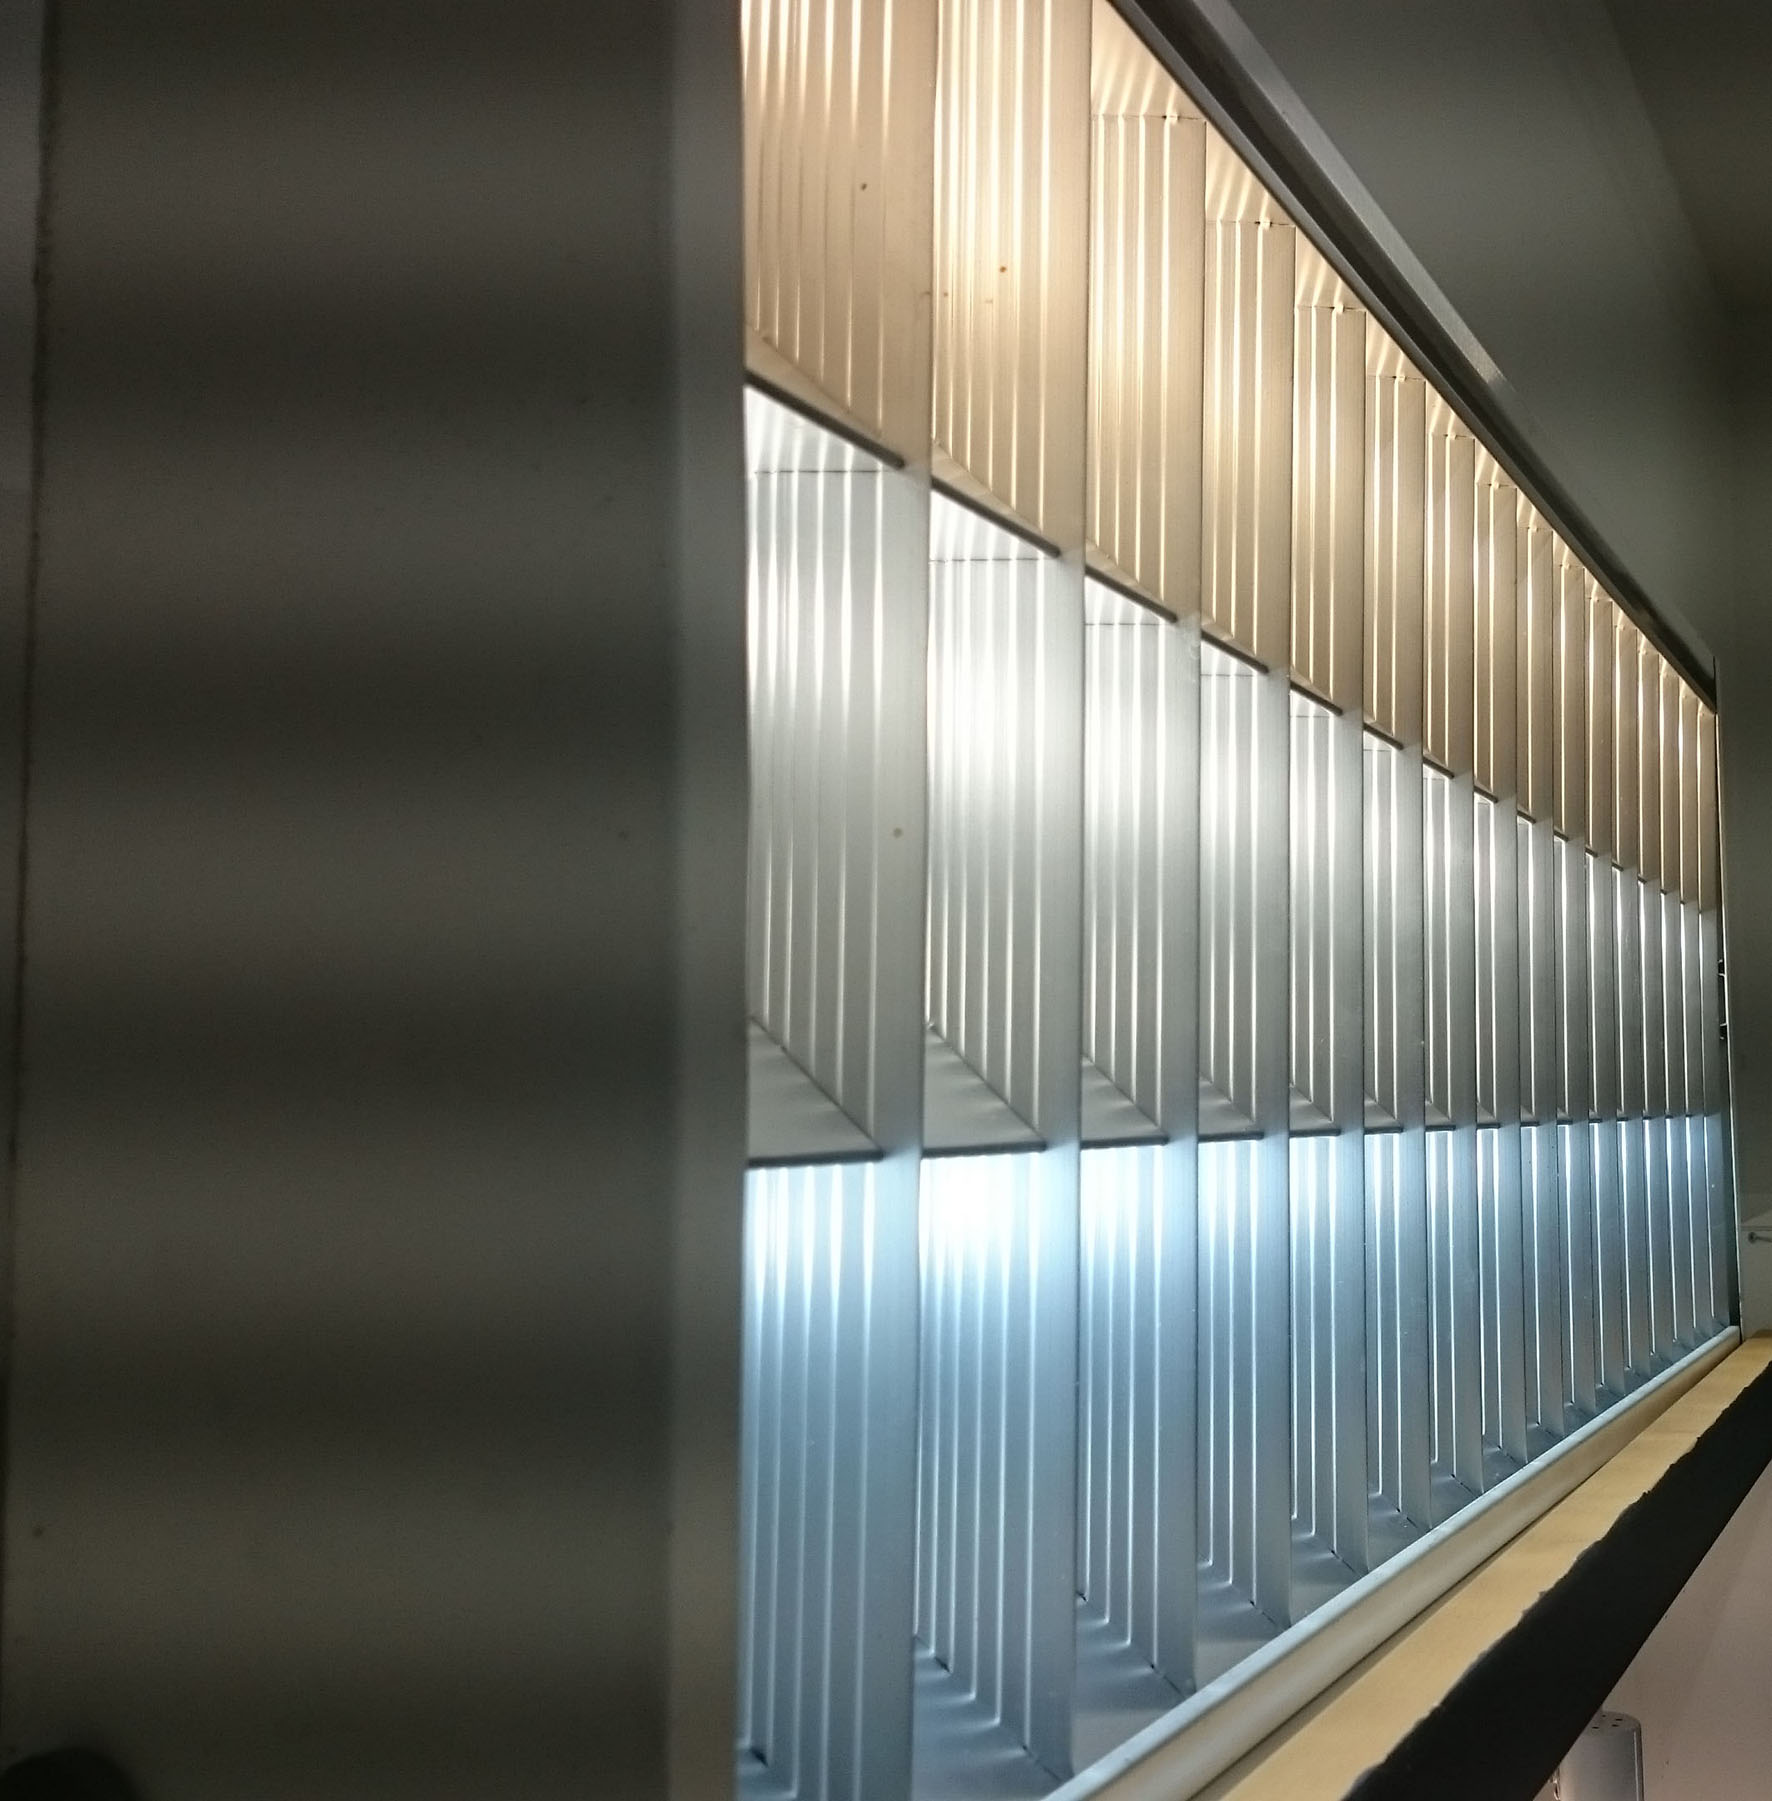 Valon värisävyjen eroja pääsee katsomaan livenä messuilla. (kuvassa lämmin-, normaali- ja kylmä valkoinen.